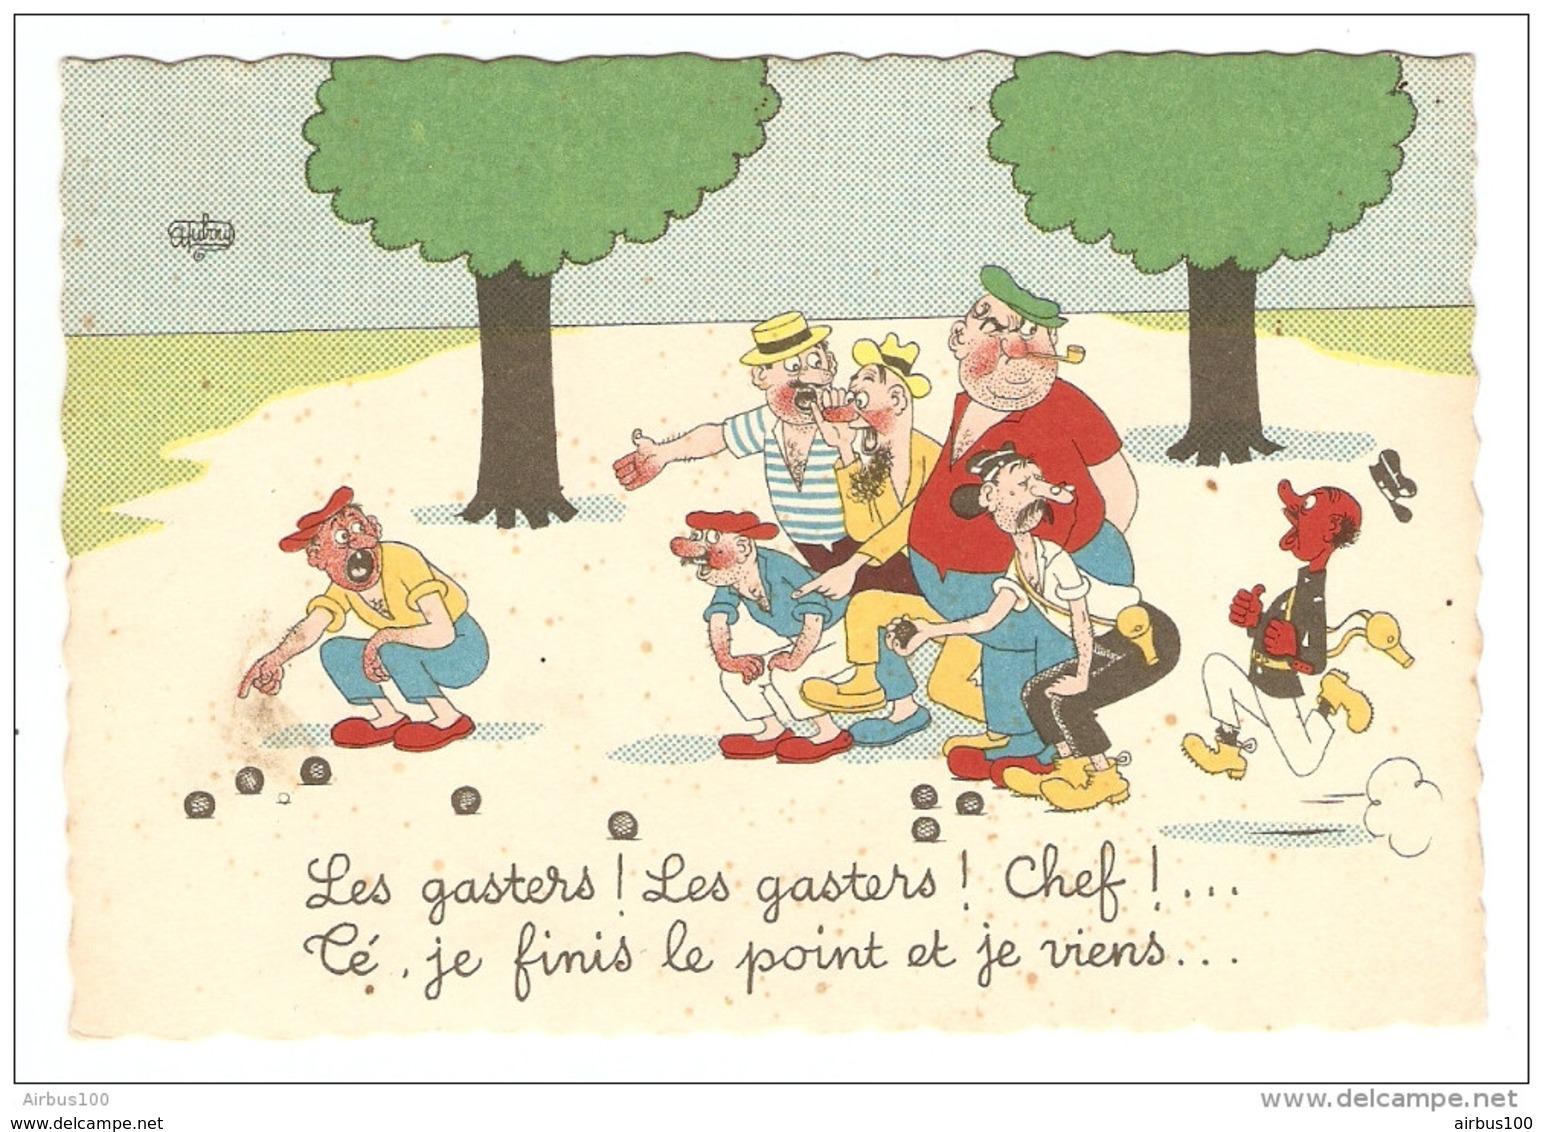 HUMOUR ILLUSTRATEUR DUBOUT LES GASTERS CHEFS - Éd. DU MOULIN 1959 N° 33 A - NON CIRCULÉE - 2 Scans - - Dubout